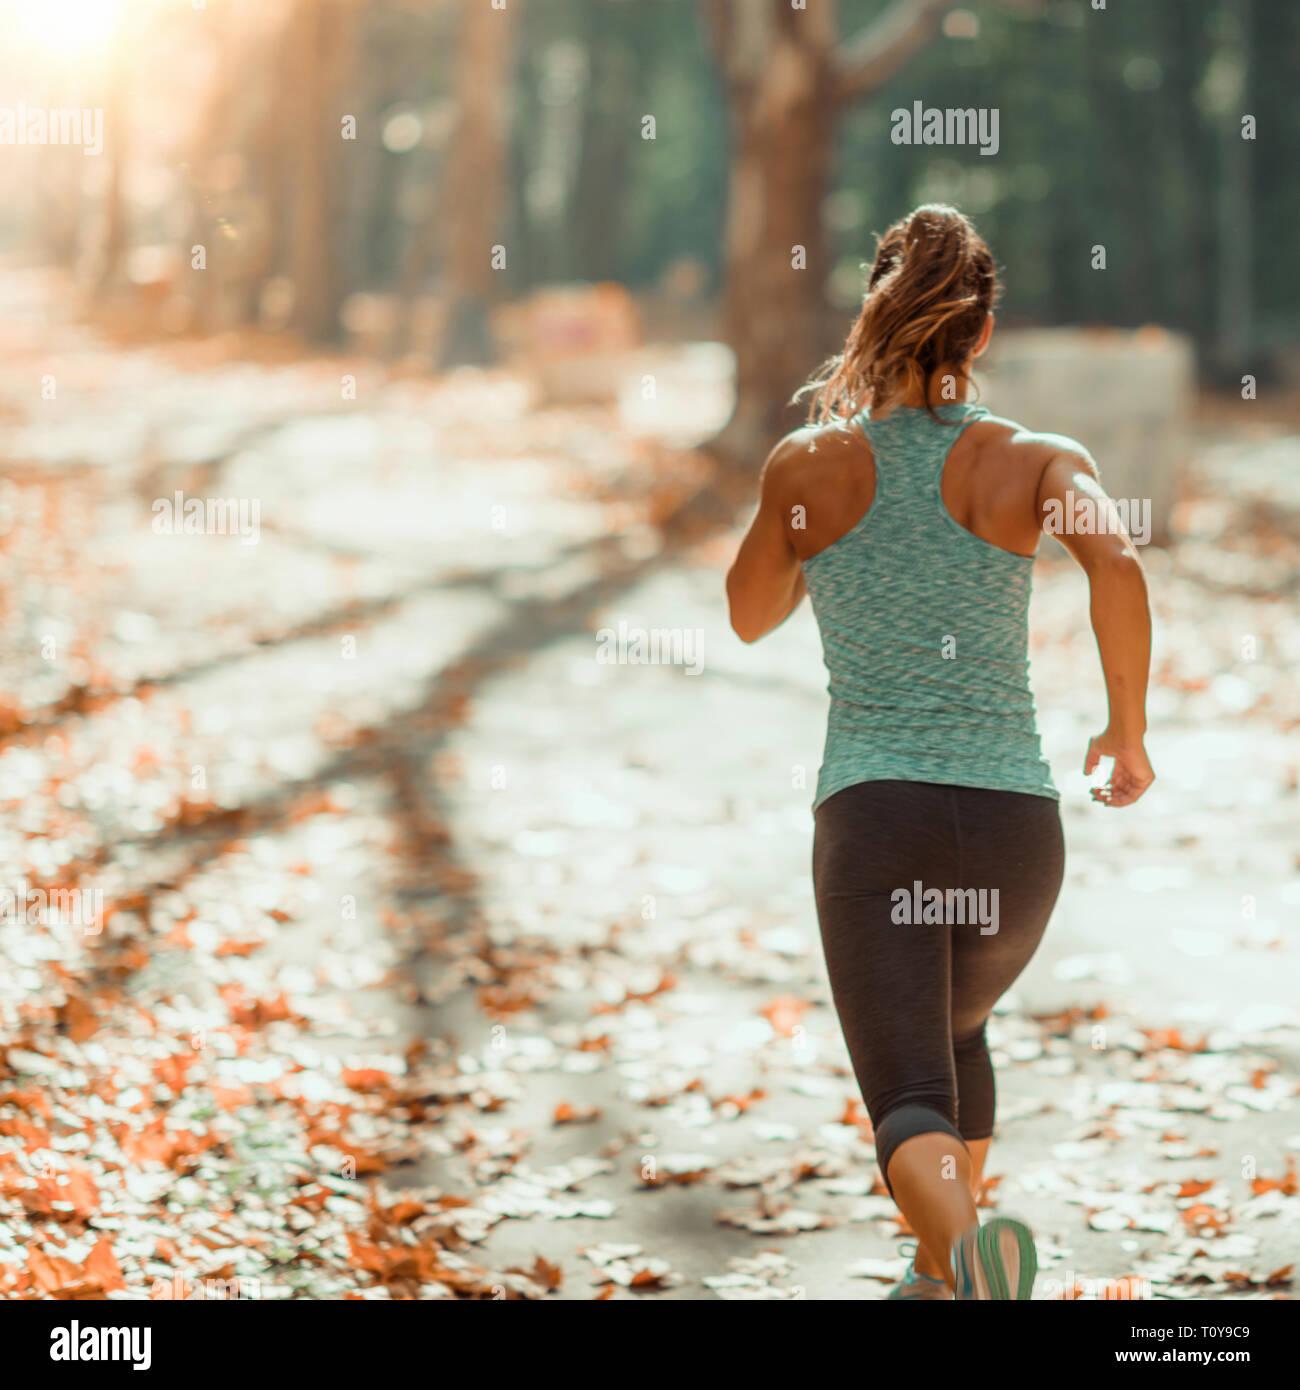 Mujer correr afuera en el otoño. Foto de stock